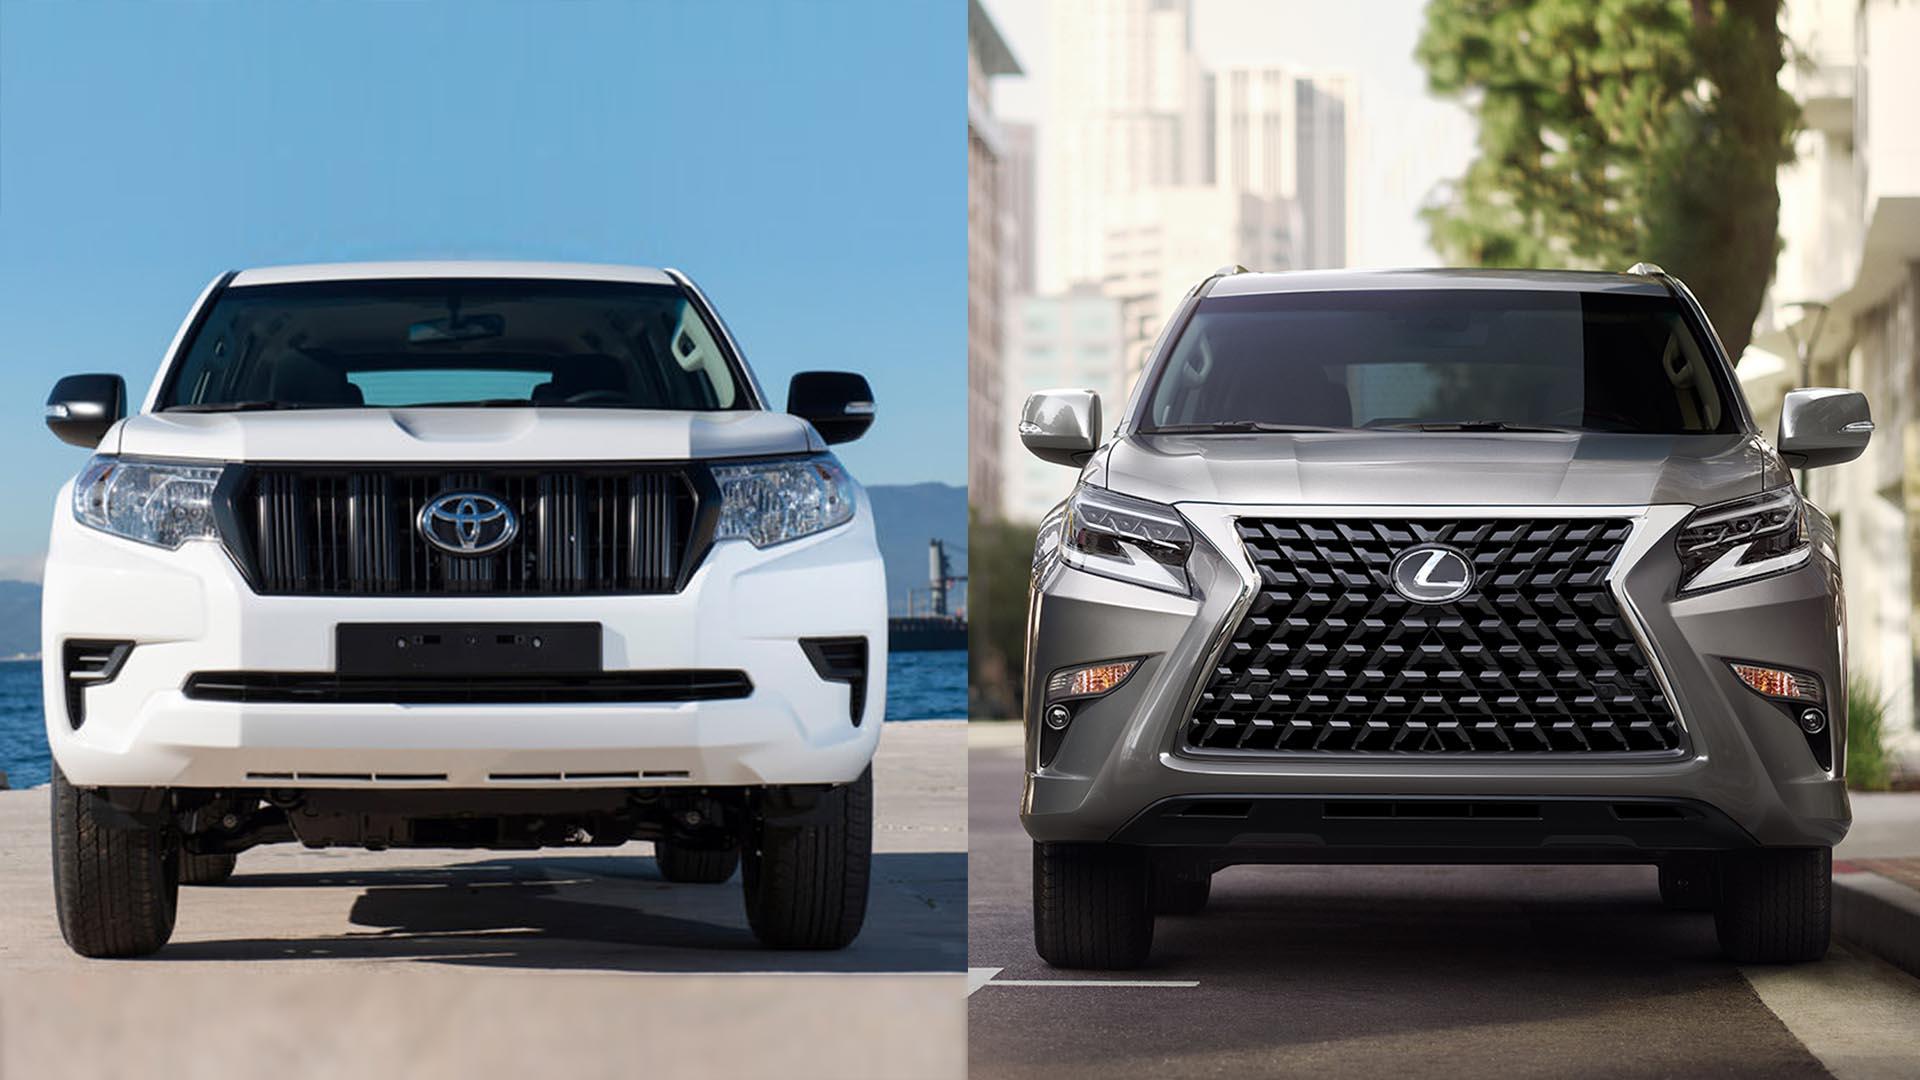 ¿En qué se diferencia el Toyota Land Cruiser que se vende en España del que se vende en otros países?